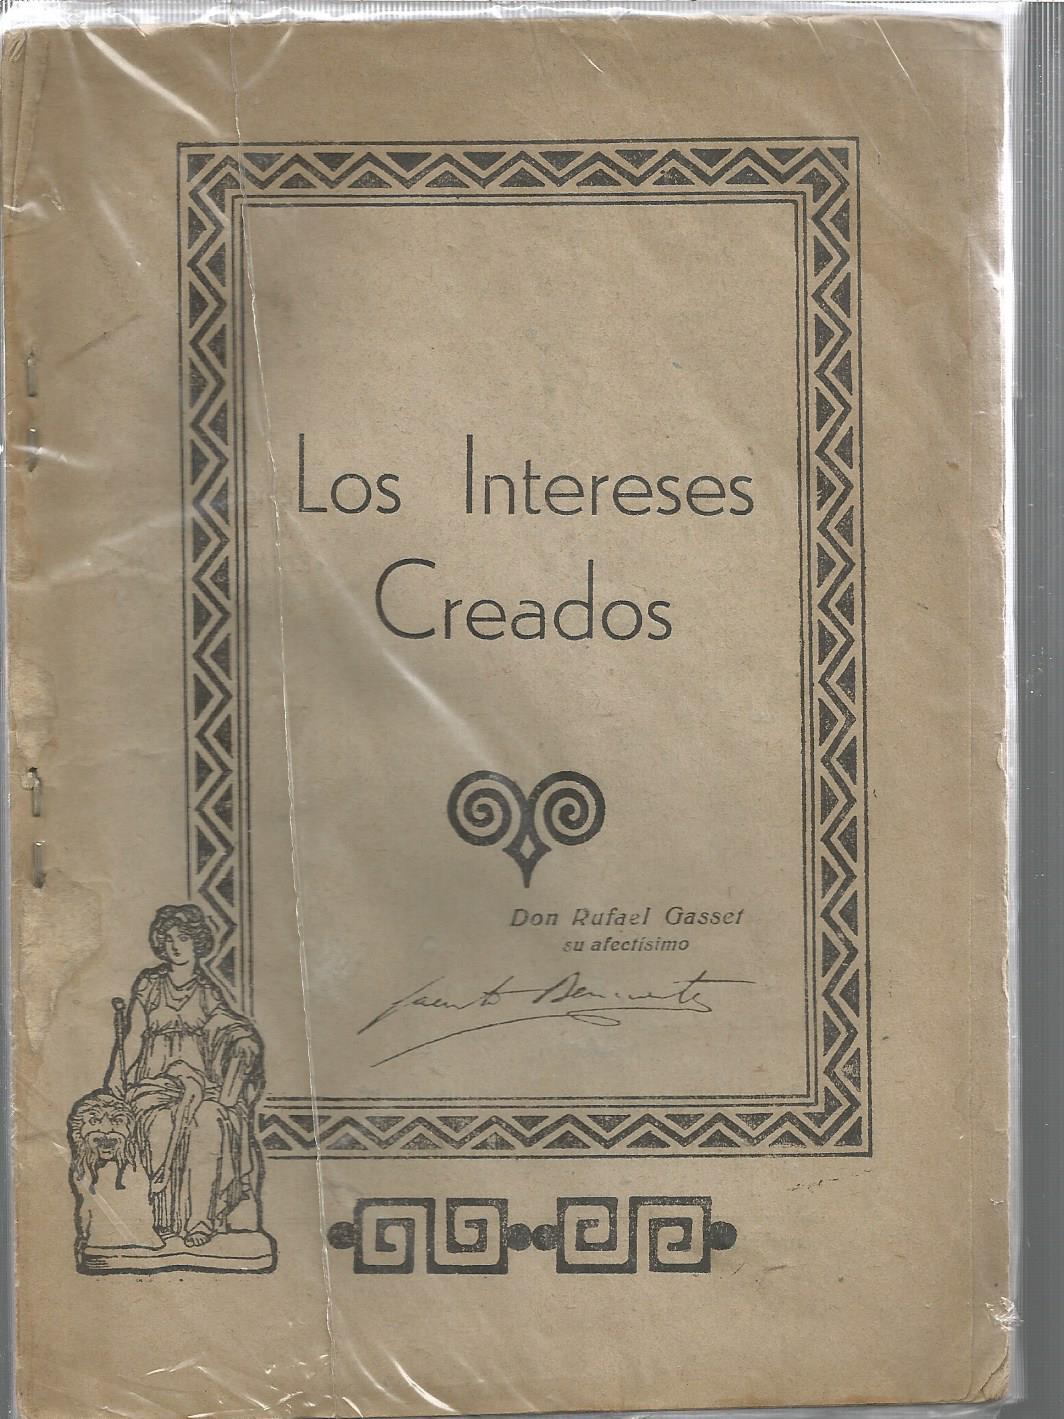 Los Intereses Creados By Jacinto Benavente Buen Estado 1939 Calle 59 Libros